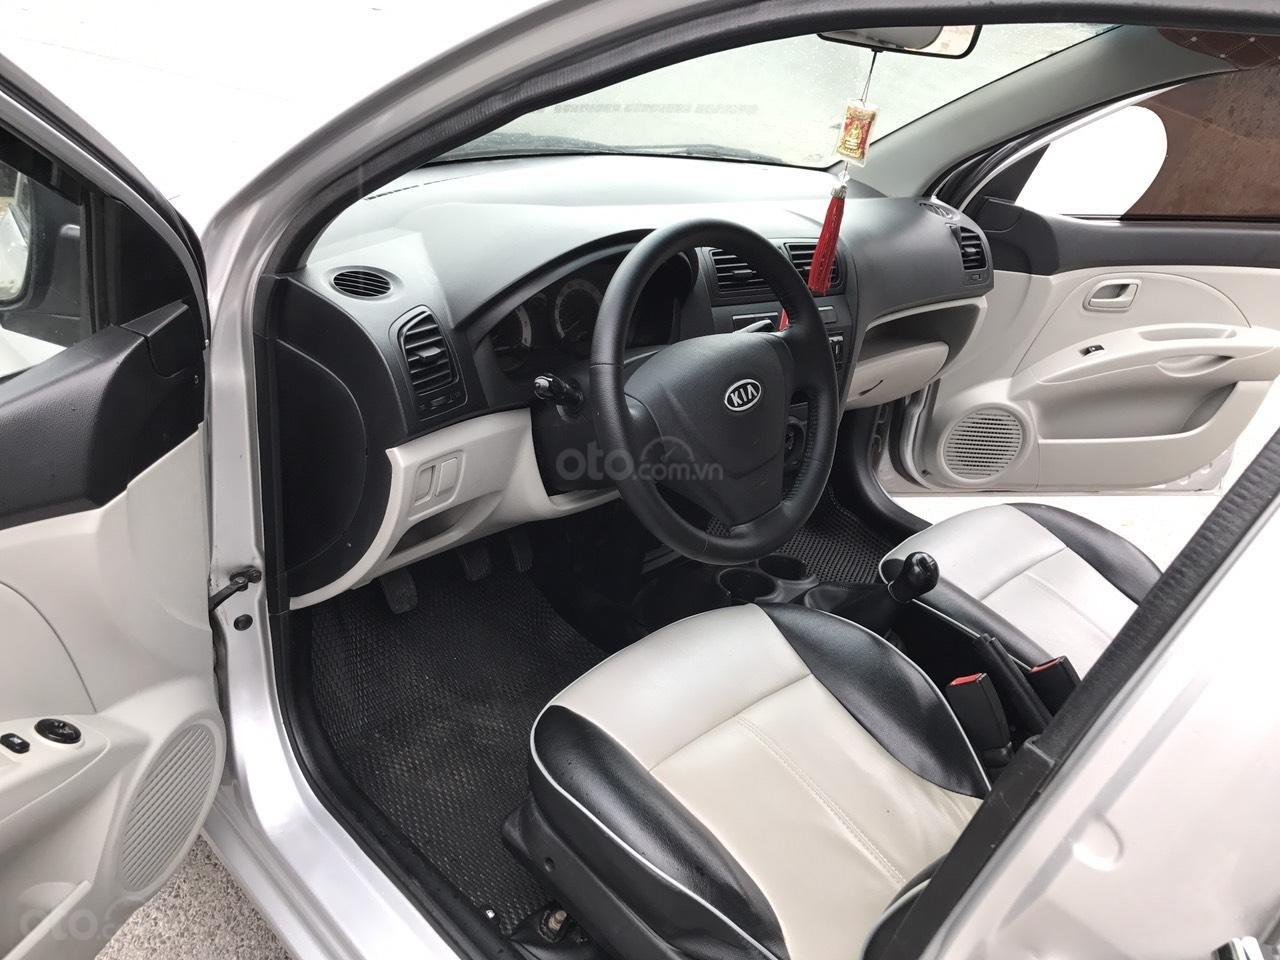 Cần bán xe Kia Morning SLX 2008, màu bạc, nhập khẩu, form mới, chính chủ-3